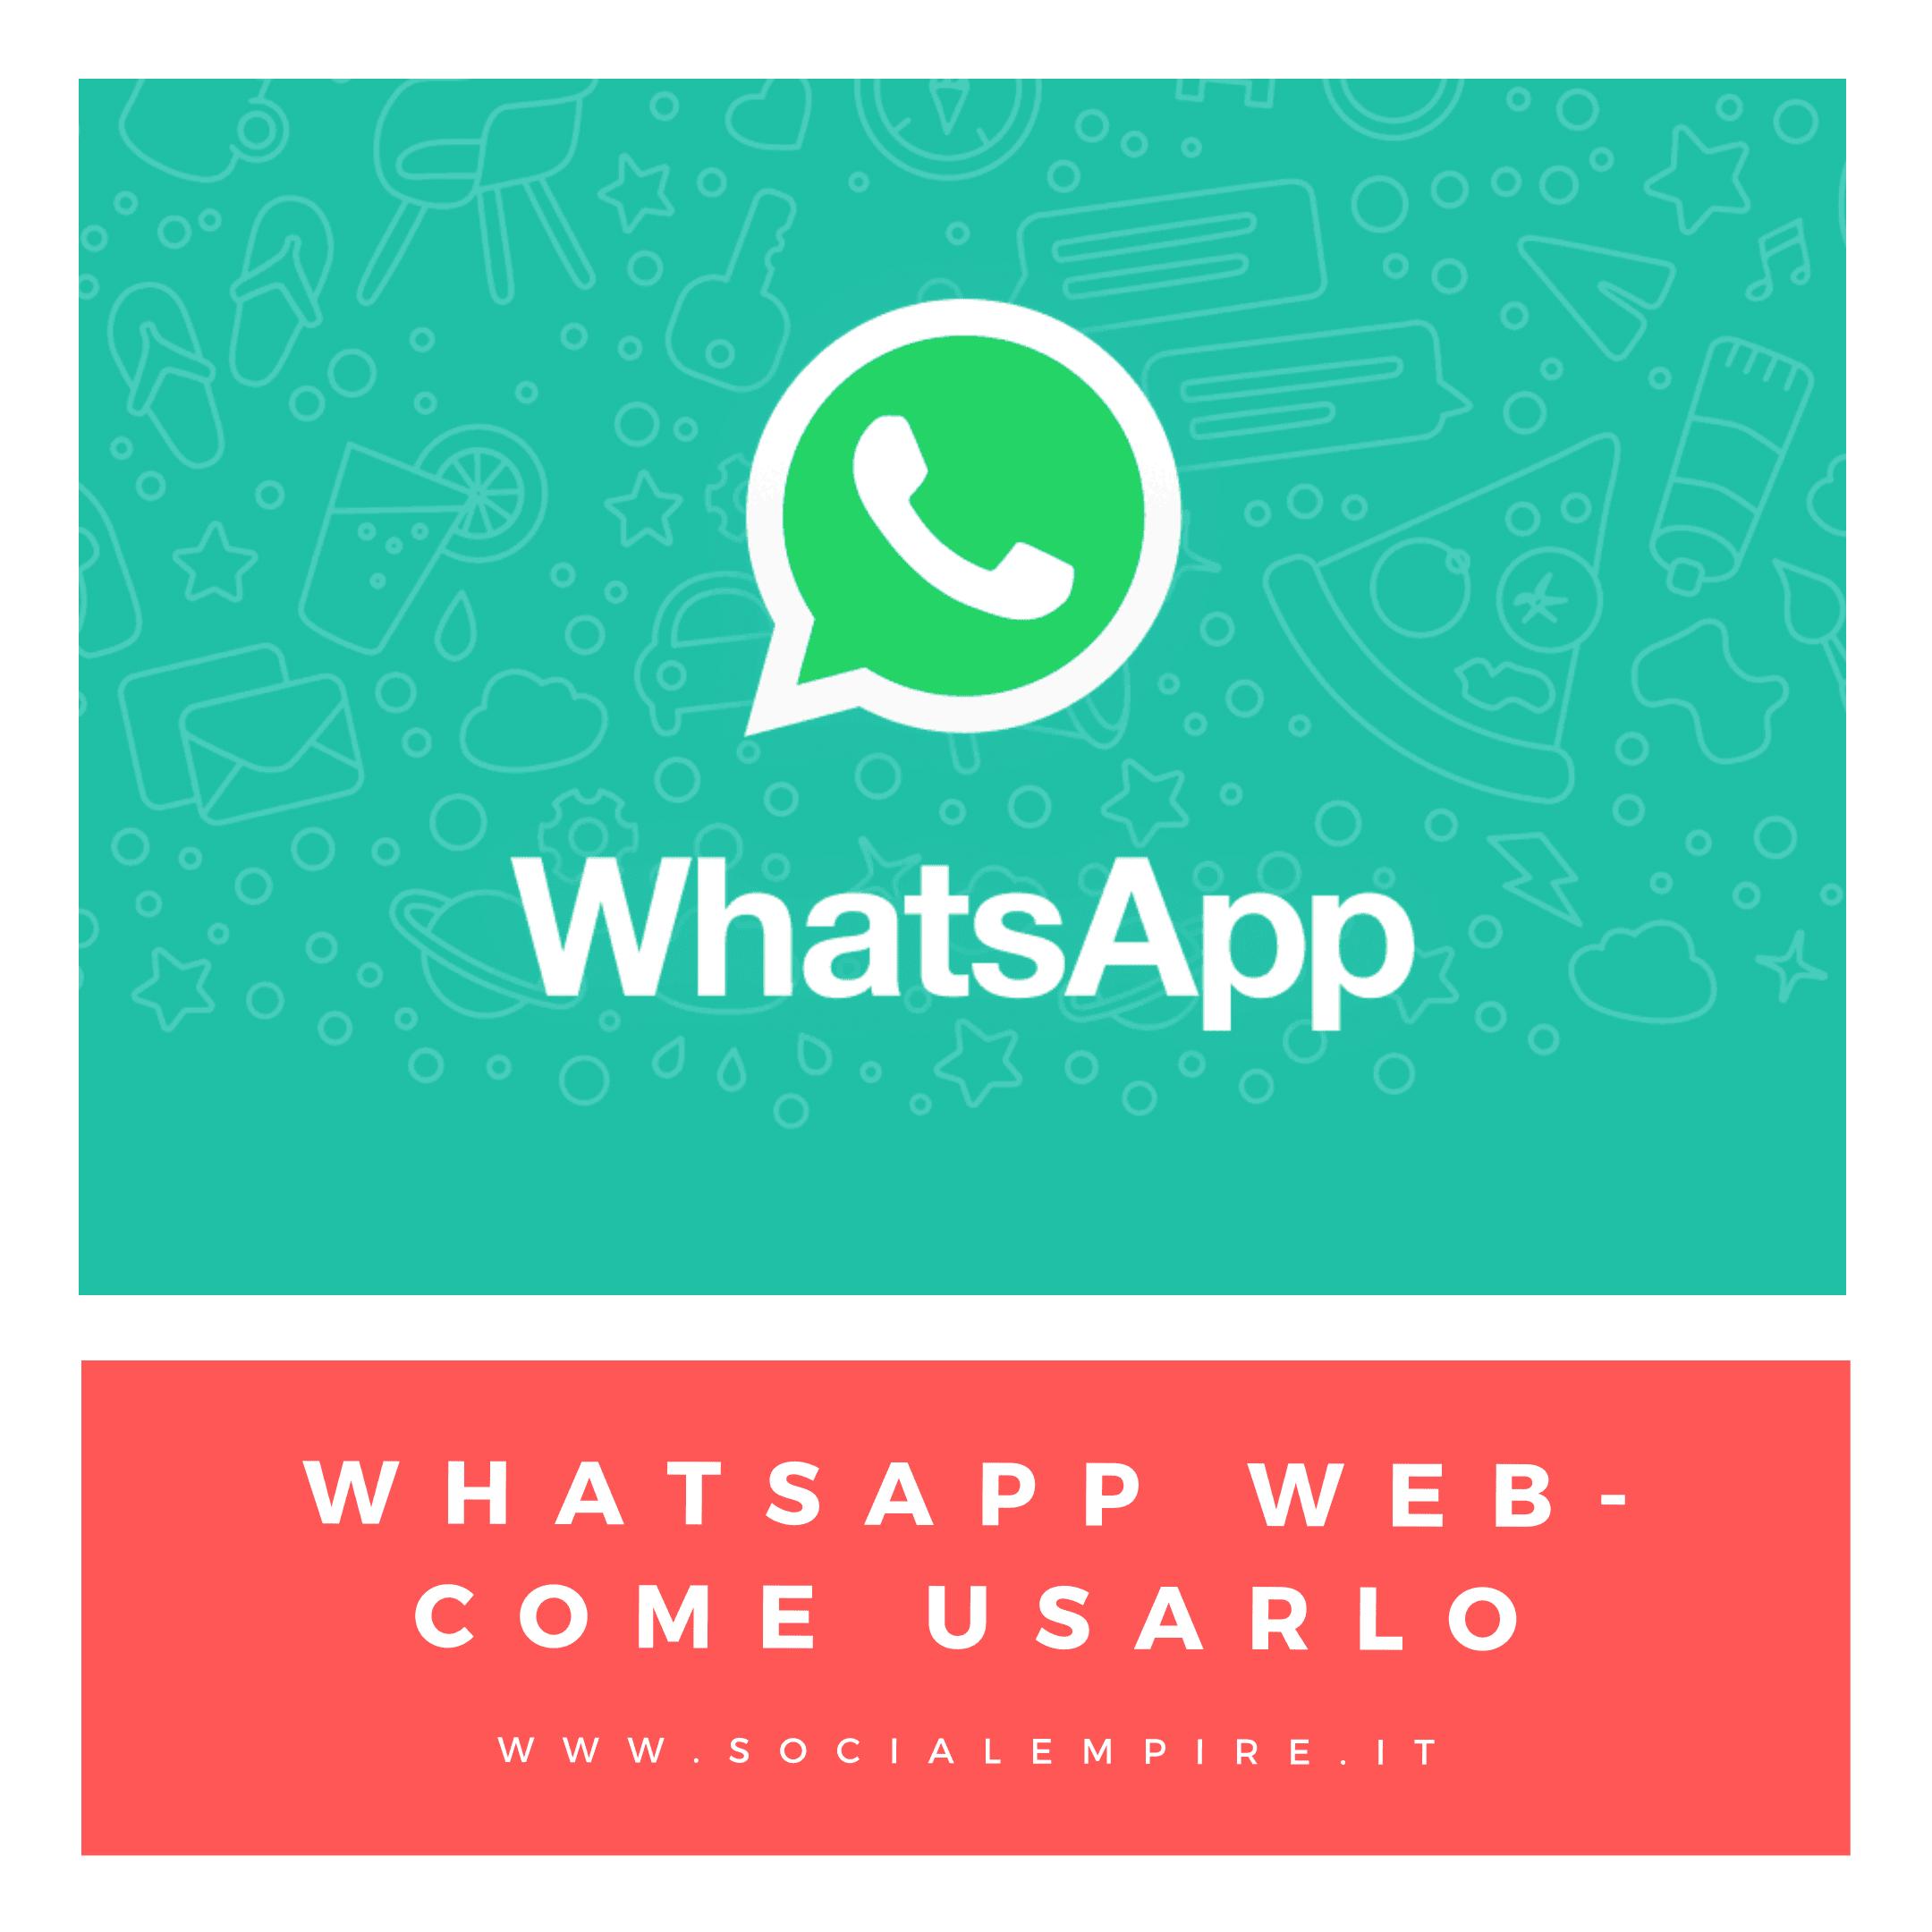 whatsapp web come usarlo